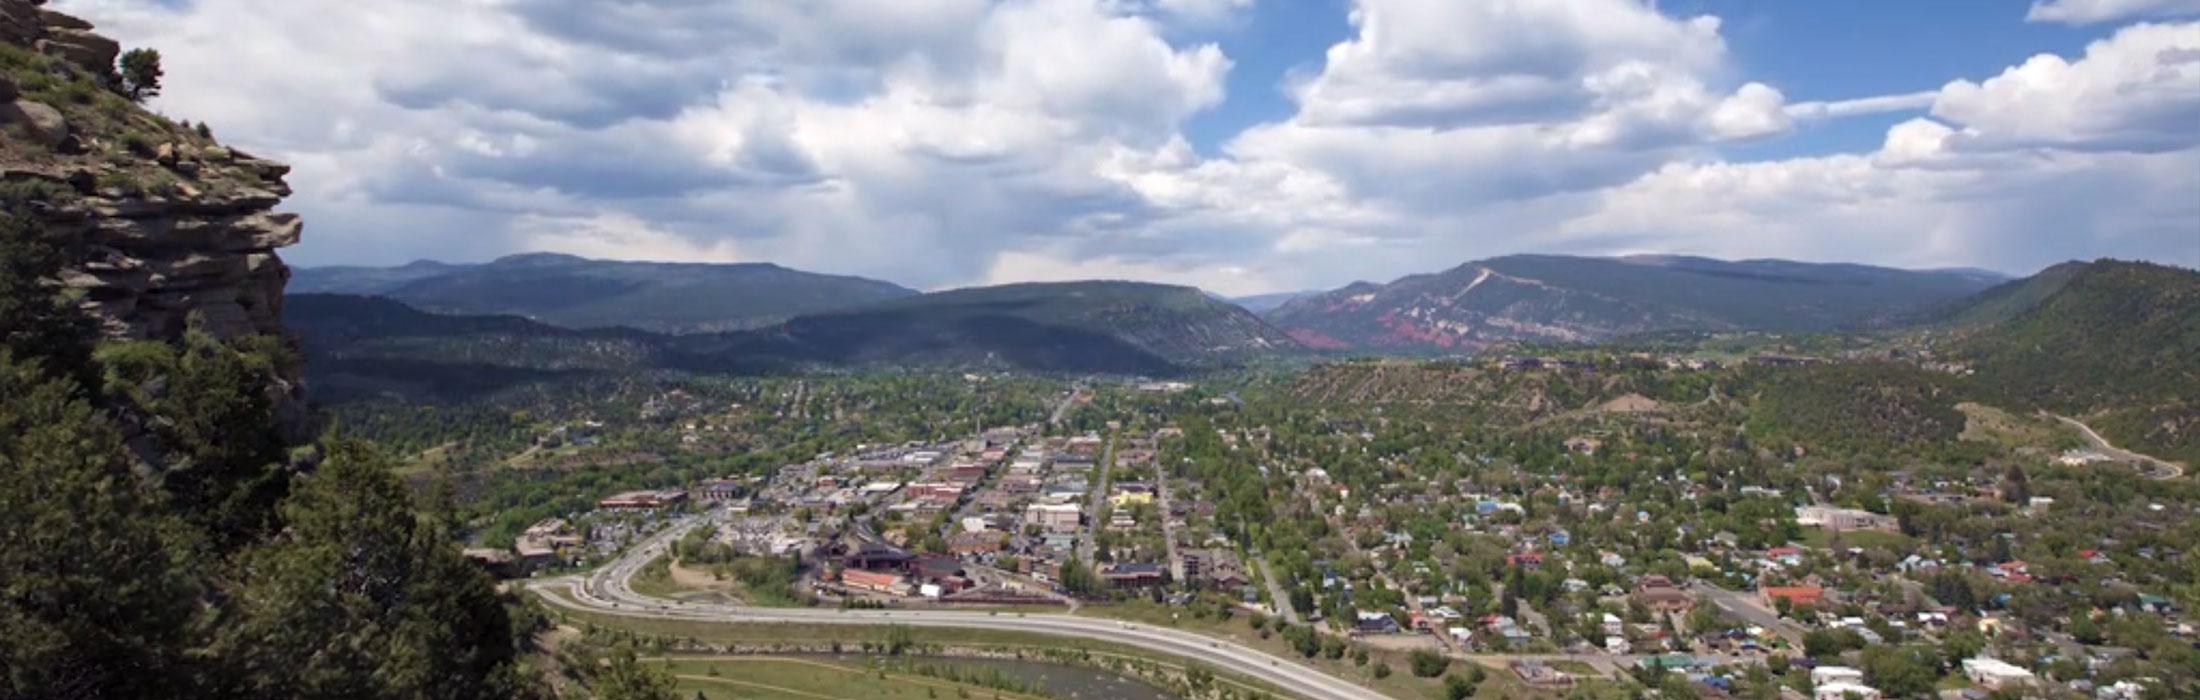 Visiting Durango